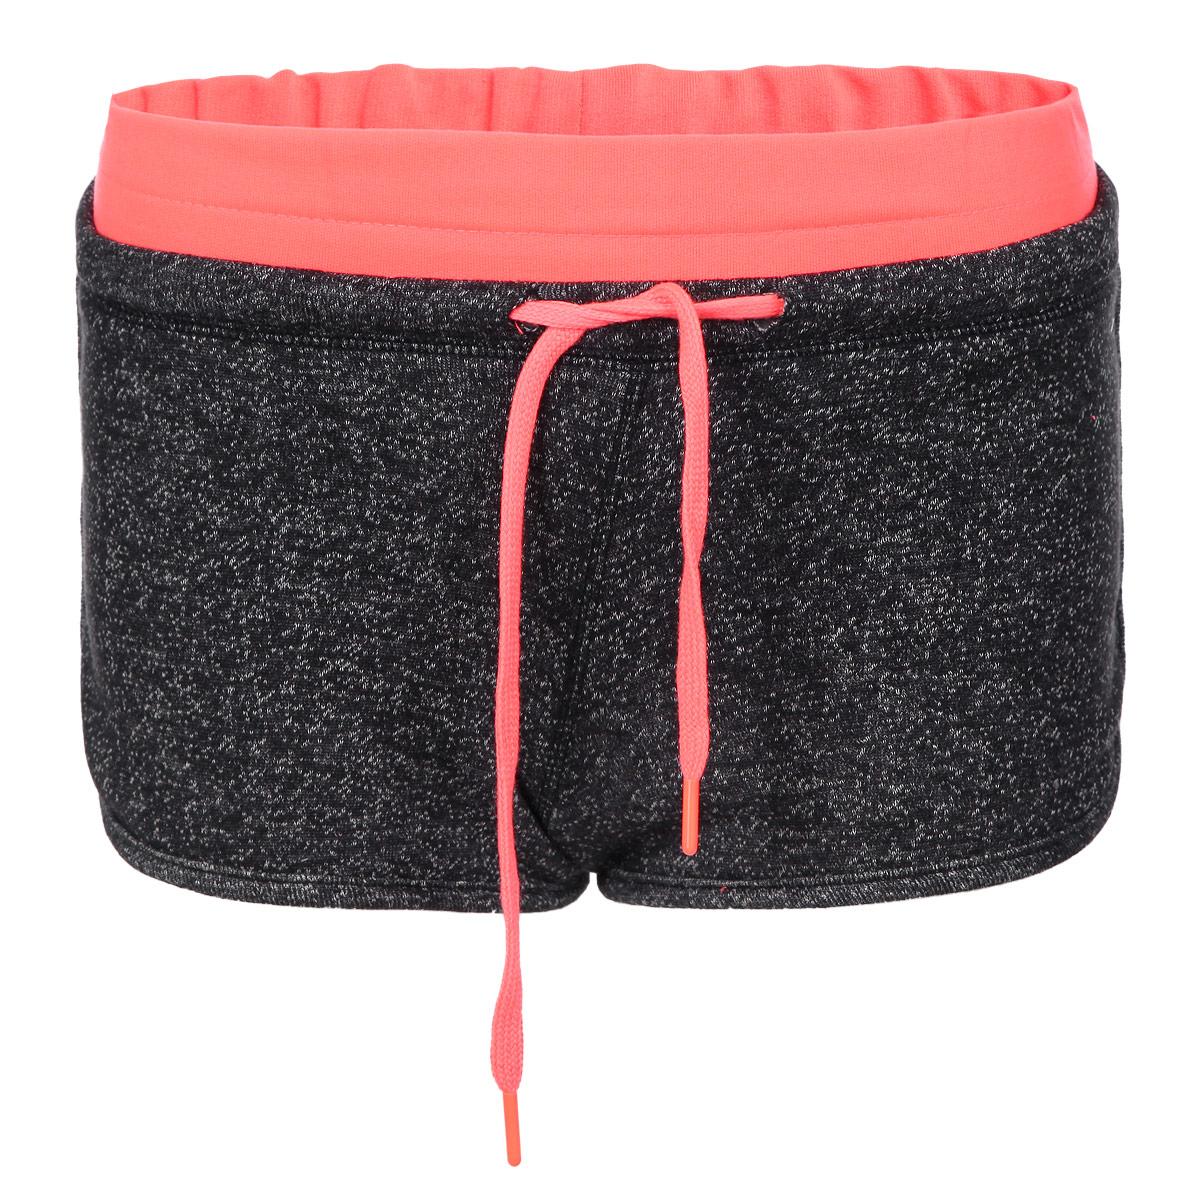 Шорты женские. L-SH-1700L-SH-1700 BLACK MELANGEСтильные женские шорты Moodo выполнены из высококачественного материала - полиэстера с добавлением хлопка. С изнаночной стороны - очень мягкий ворсистый материал, приятный на ощупь. Модель на широкой эластичной резинке, затягивается на кулиску. Пояс и затягивающийся шнурок выполнены в контрастном цвете. Стильные шорты - незаменимая вещь в летнем гардеробе каждой девушки.